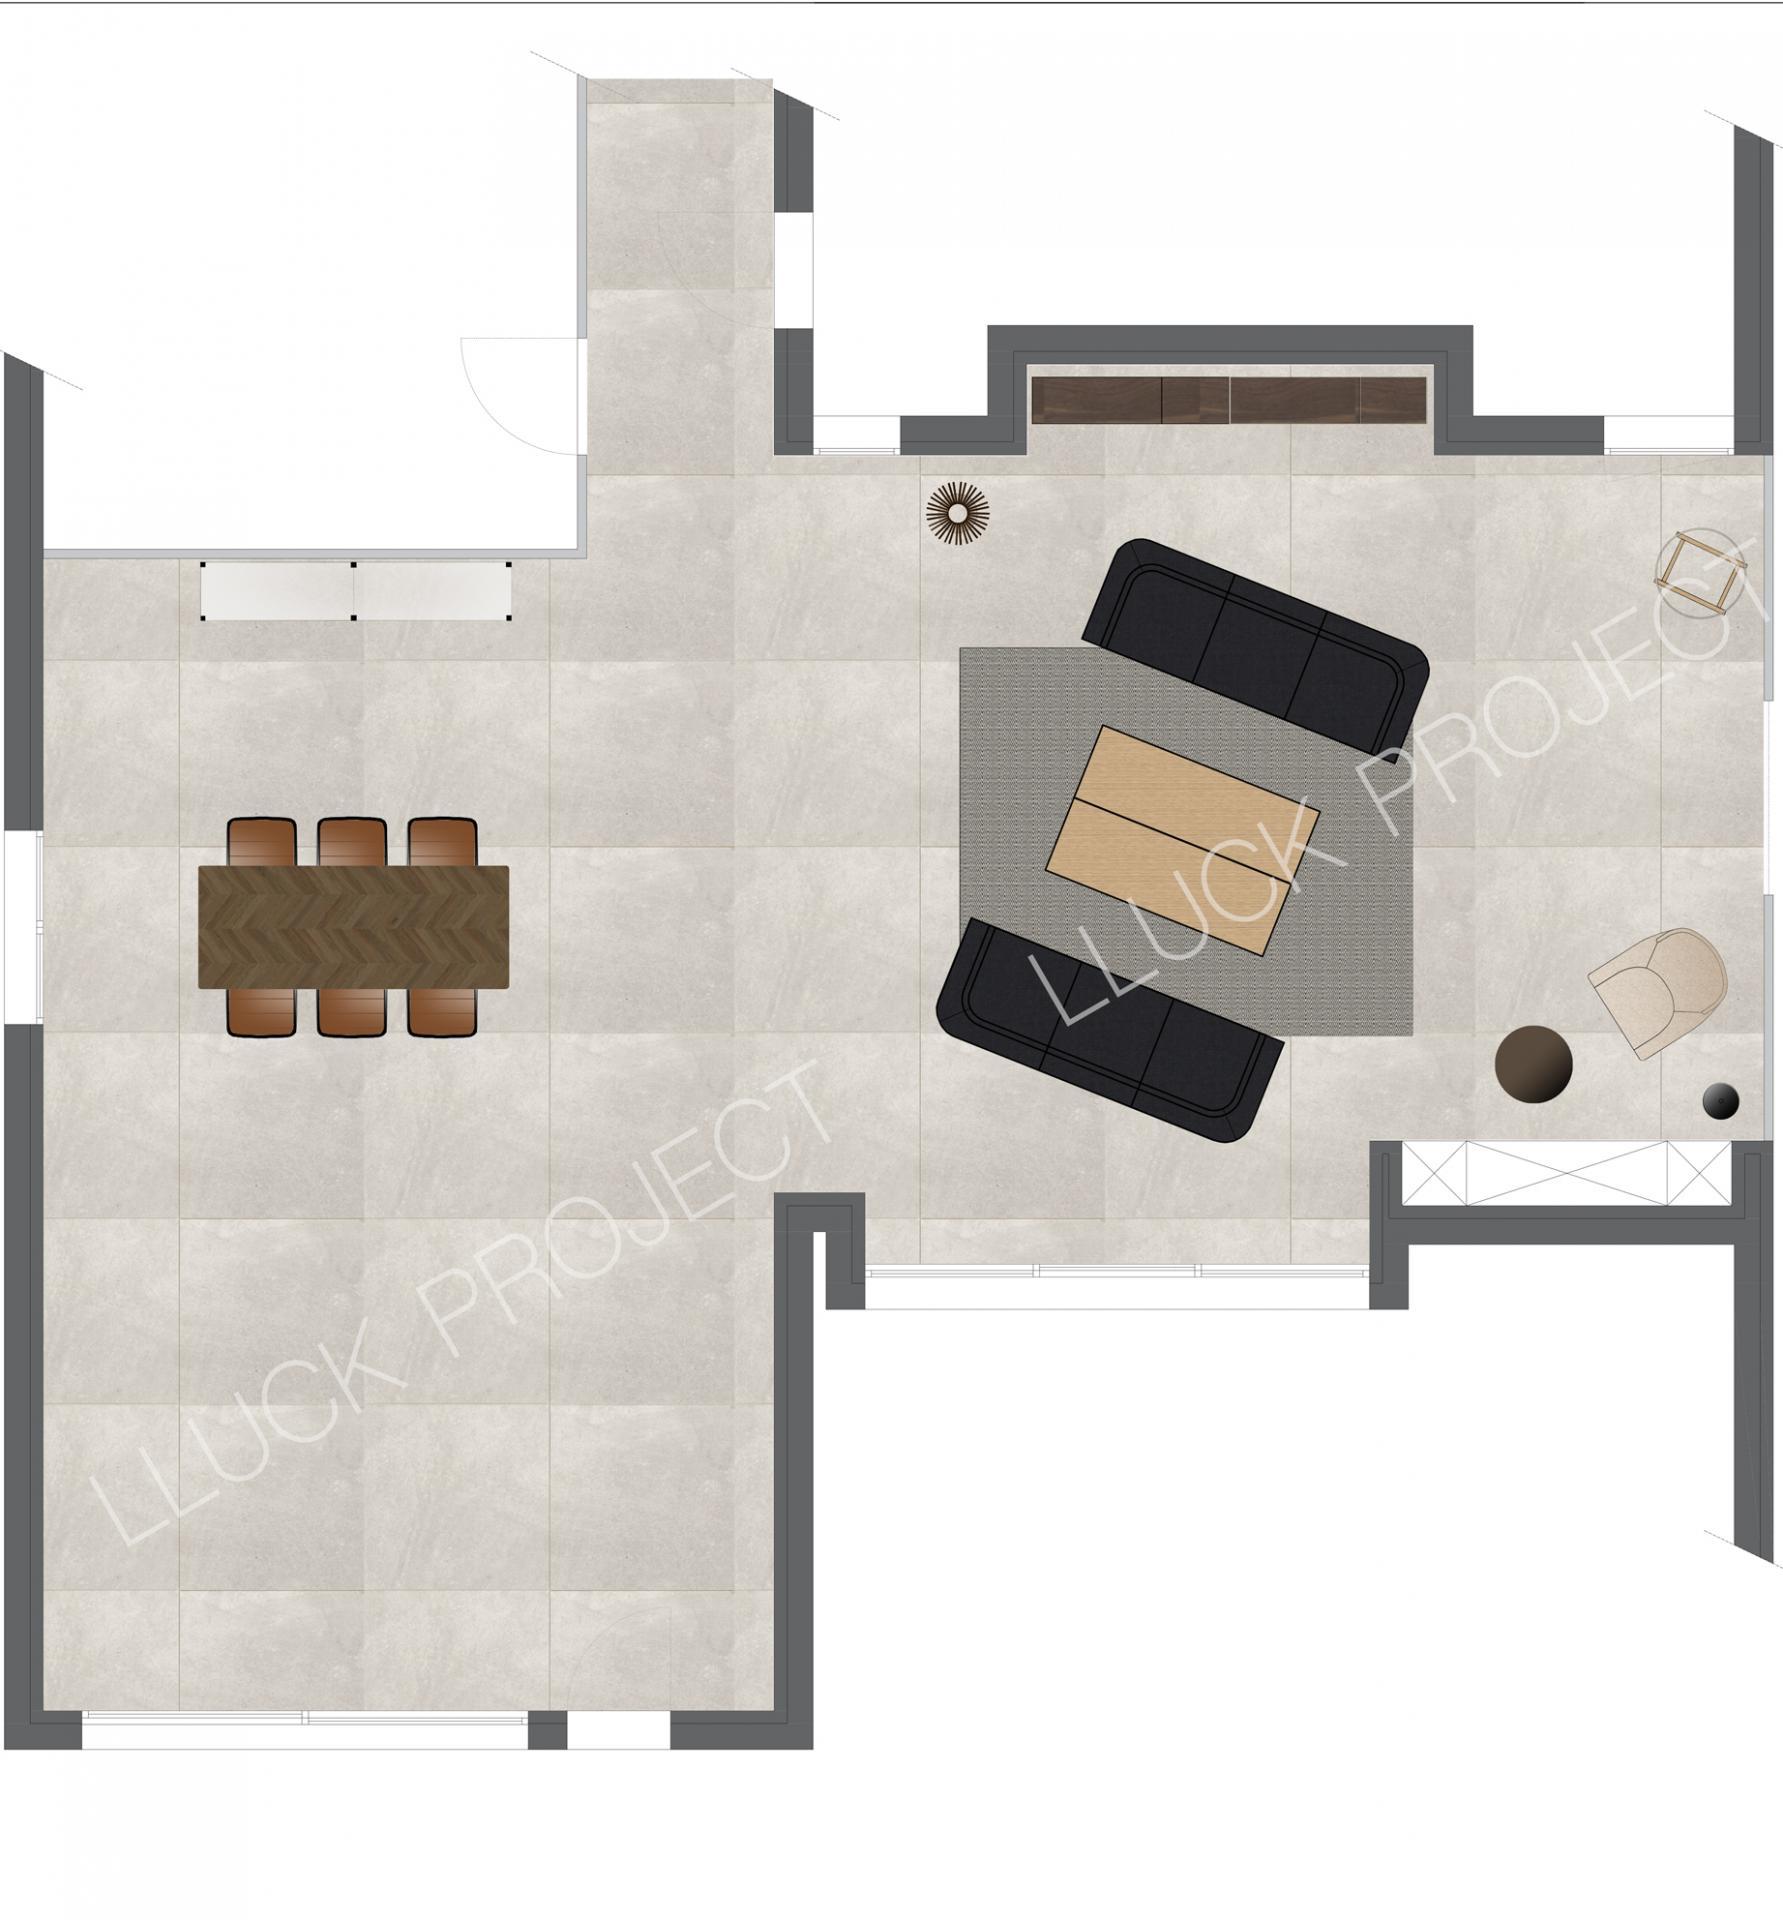 L Architecture D Intérieur notre métier: l'architecture d'intérieur